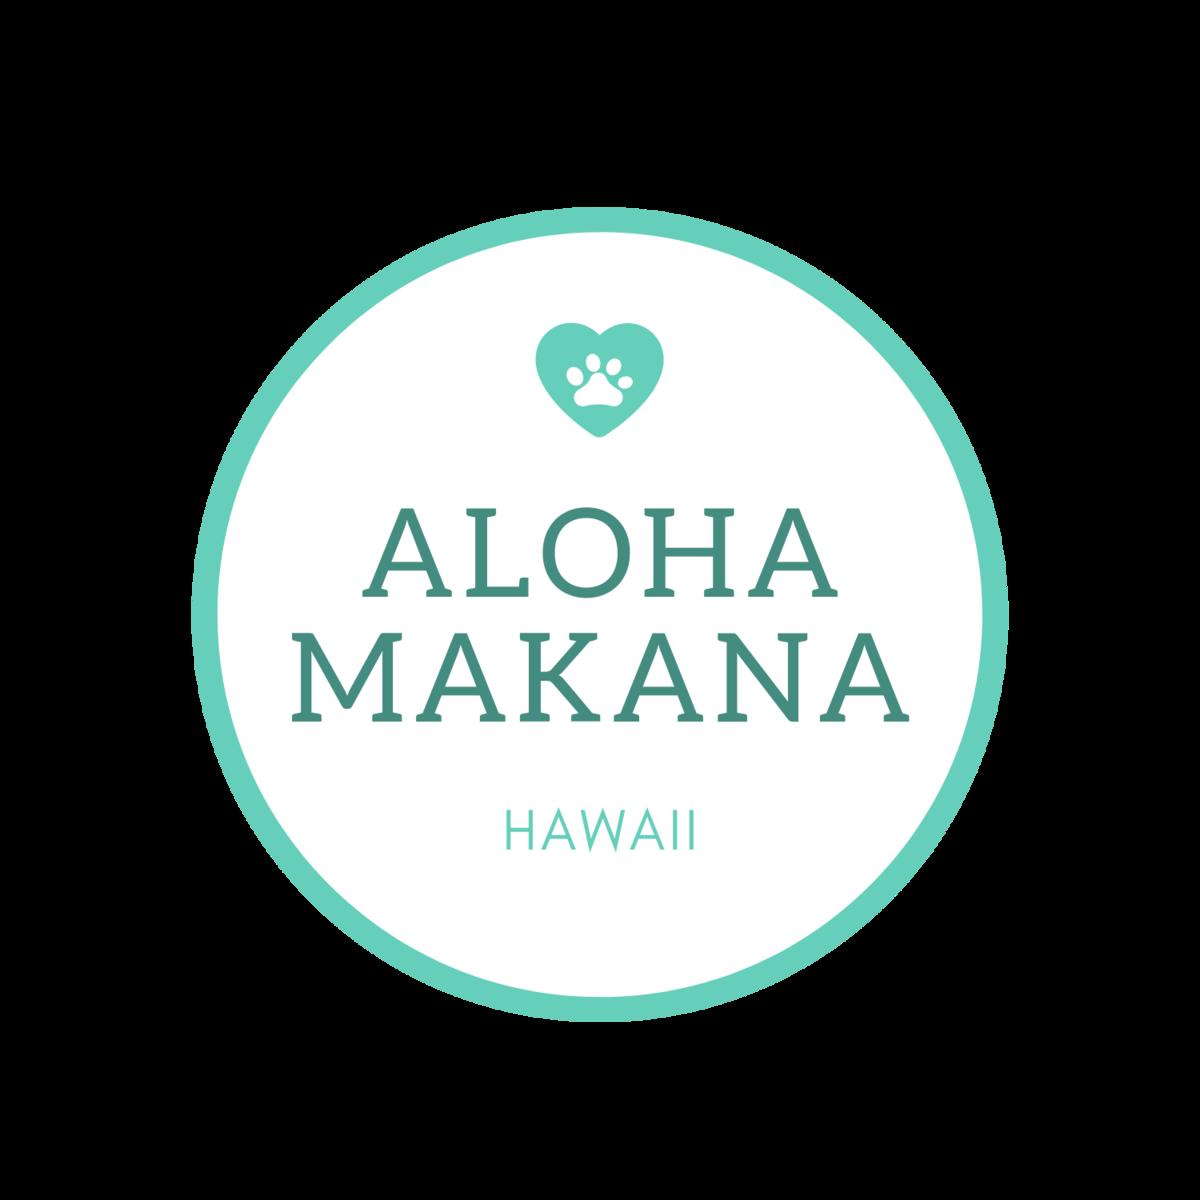 動物と自然を愛するあなたへ、ローカルアーティストがハワイからお届けするD2Cブランドです。– Aloha Makana HawaiiAmerican ExpressApple PayDiners ClubDiscoverEloGoogle PayJCBMastercardPayPalShop PayVenmoVisaAmerican ExpressApple PayDiners ClubDiscoverEloGoogle PayJCBMastercardPayPalShop PayVenmoVisaOpen drop down